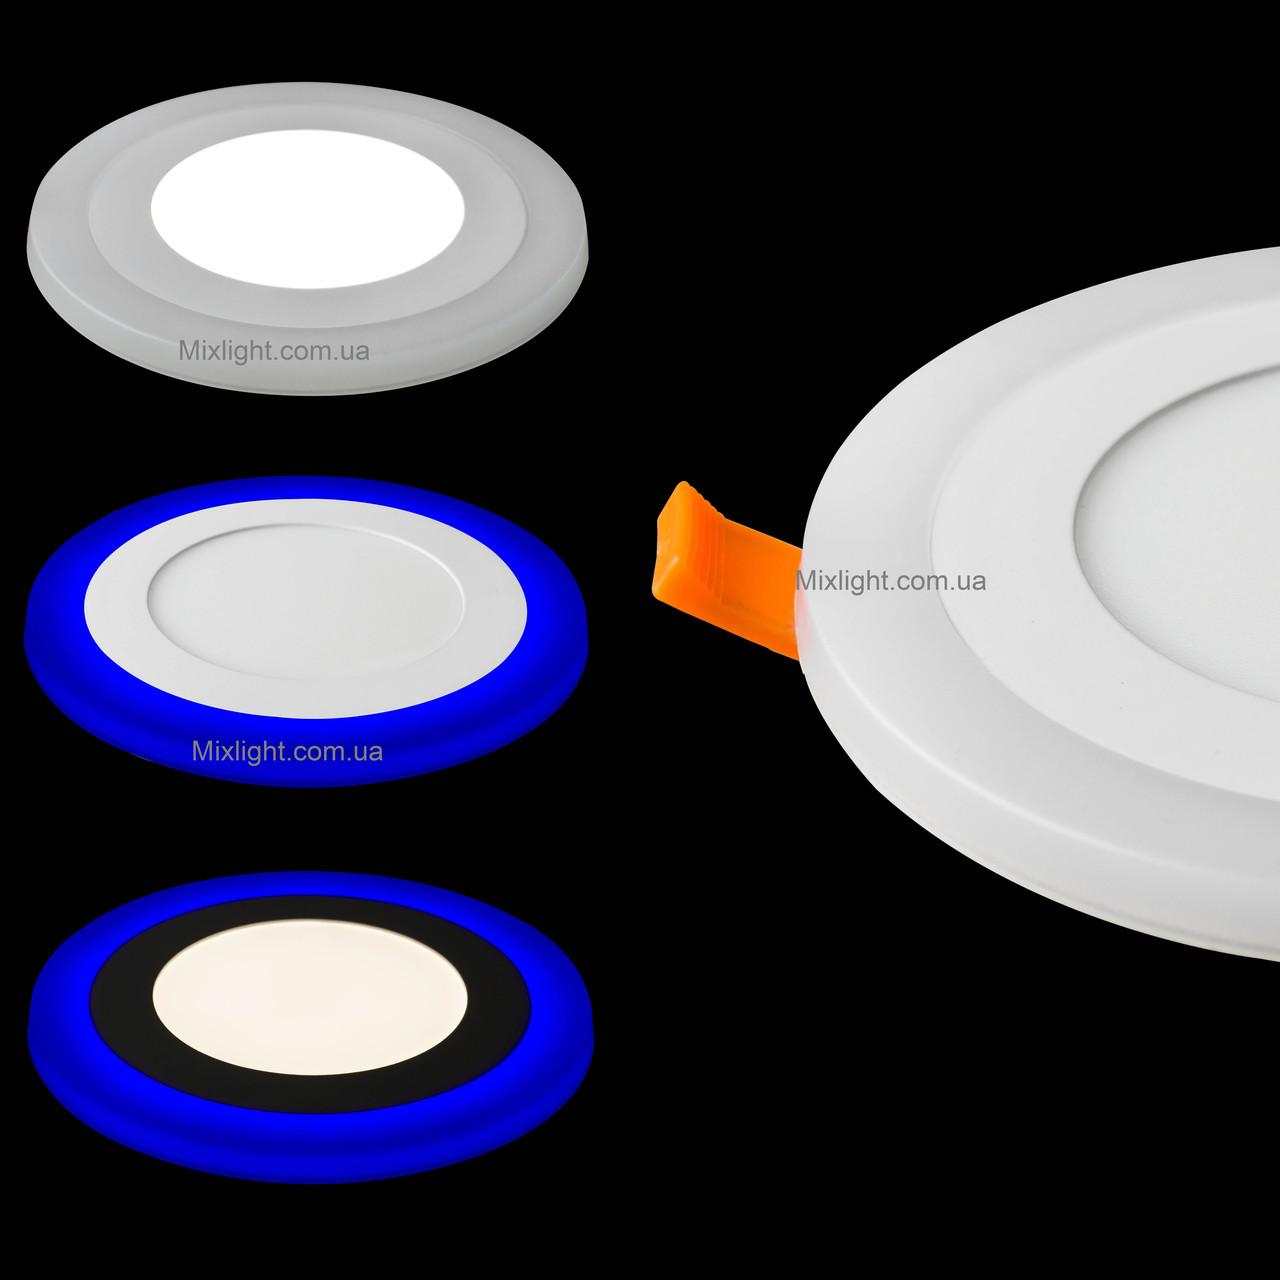 Светодиодный встраиваемый светильник c подсветкой 6W+3W 4100K KWANT